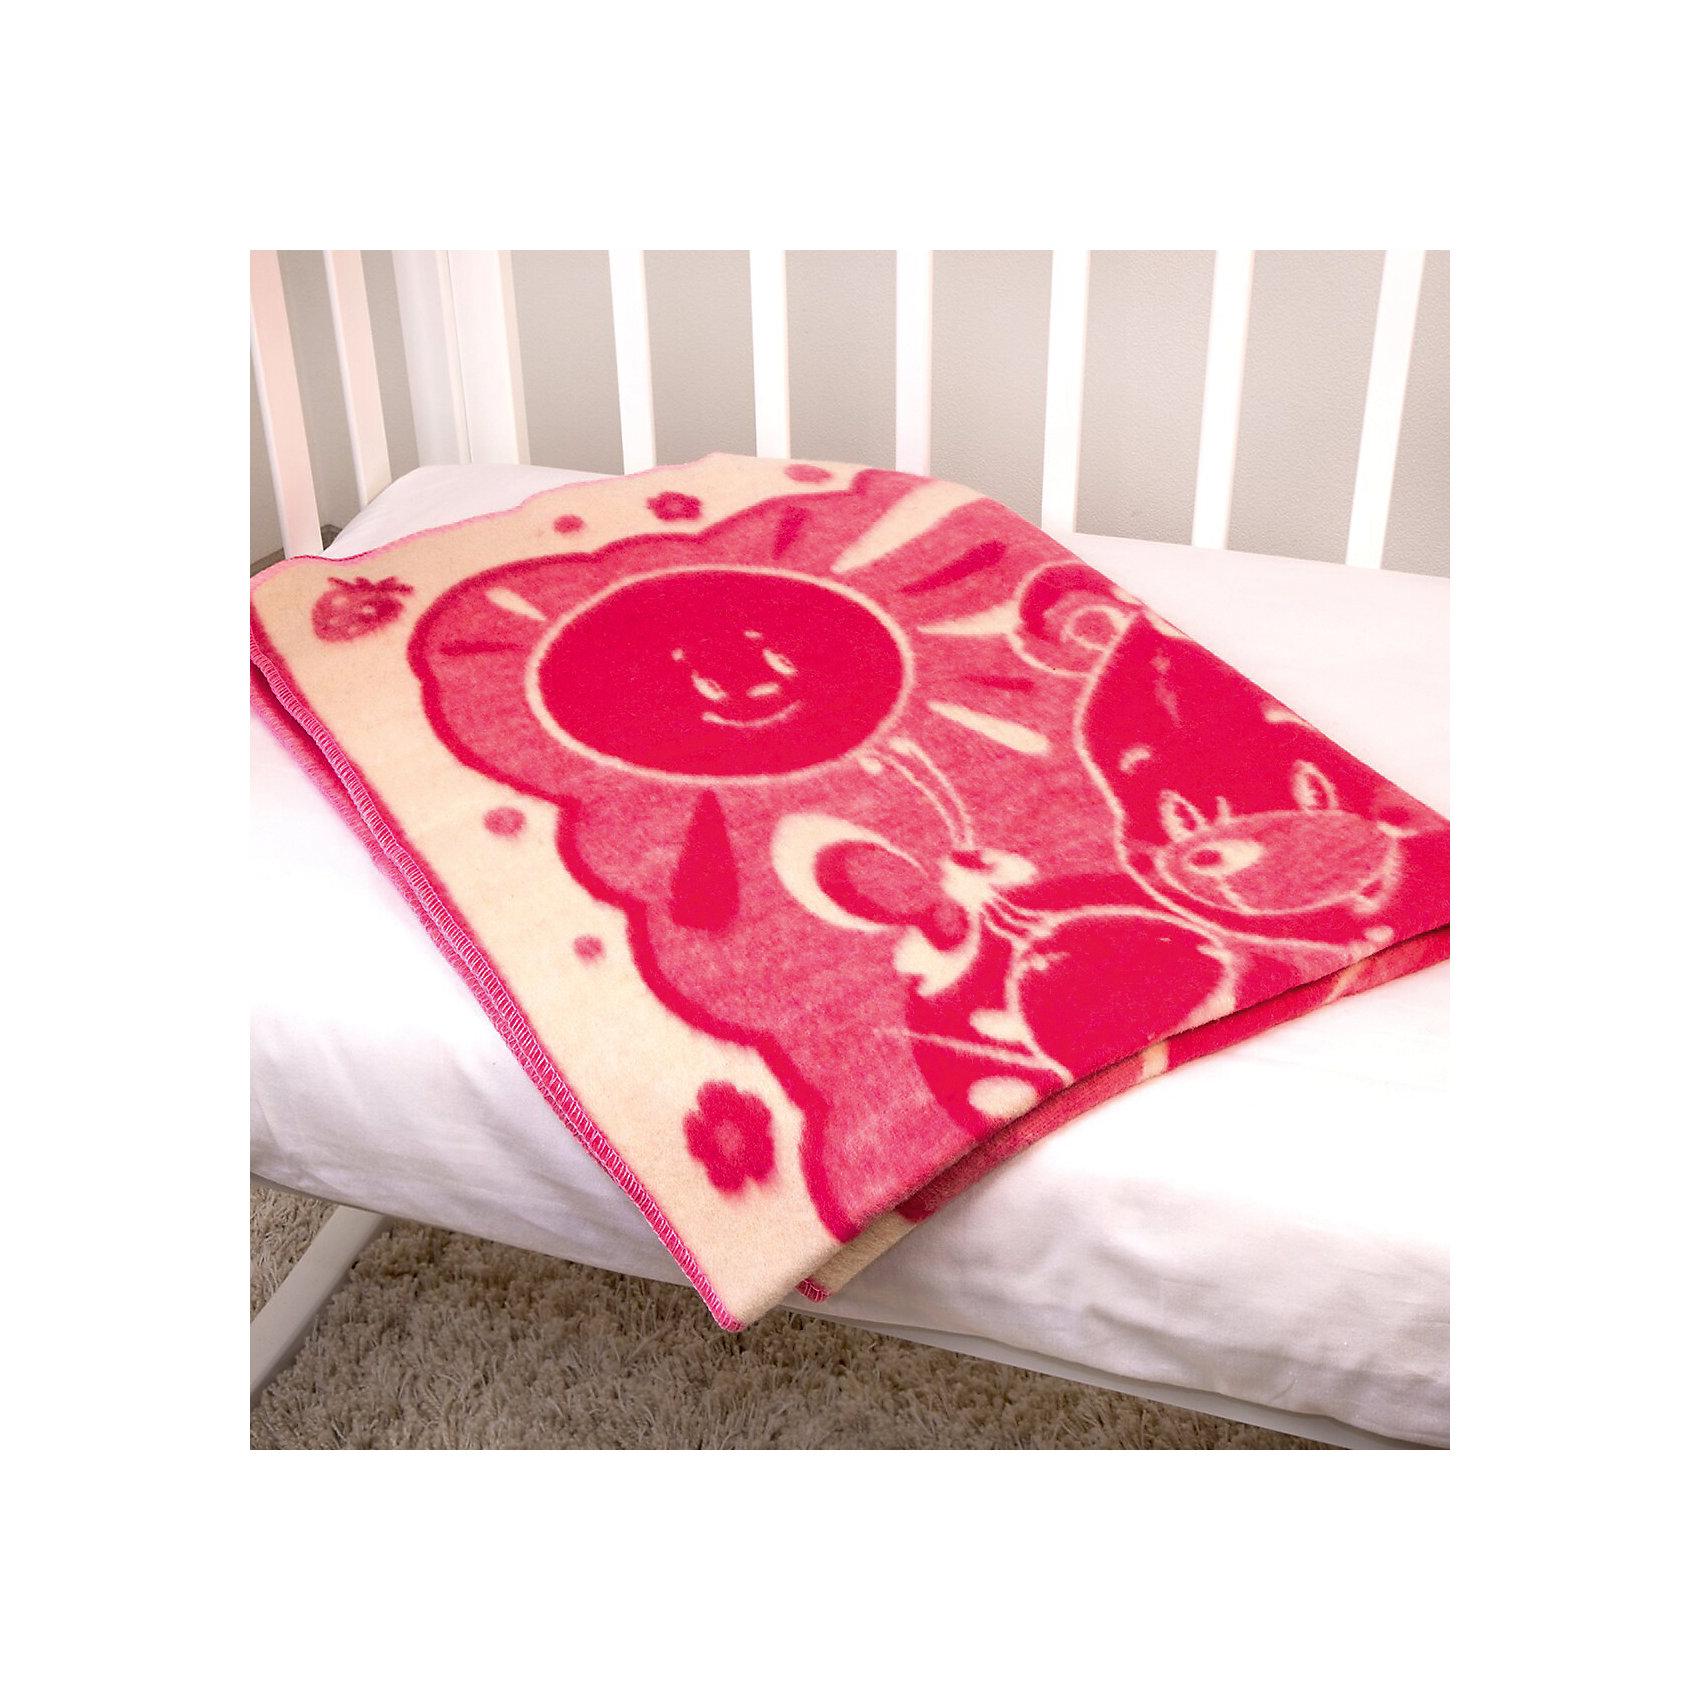 Одеяло байковое Медвежонок, 100х140, Baby Nice, розовыйПостельные принадлежности для детей должны быть качественными и безопасными. Это одеяло разработано специально для малышей, оно обеспечивает комфорт на всю ночь. Одеяло украшено симпатичным принтом.<br>Одеяло сшито из натурального дышащего хлопка, приятного на ощупь. Он не вызывает аллергии, что особенно важно для малышей. Оно обеспечит хорошую терморегуляцию, а значит - крепкий сон. Одеяло сделано из высококачественных материалов, безопасных для ребенка.<br><br>Дополнительная информация:<br><br>цвет: розовый;<br>материал: хлопок, жаккард;<br>принт;<br>размер: 100 х 140 см.<br><br>Одеяло байковое Медвежонок, 100х140 от компании Baby Nice можно купить в нашем магазине.<br><br>Ширина мм: 230<br>Глубина мм: 250<br>Высота мм: 40<br>Вес г: 500<br>Возраст от месяцев: 0<br>Возраст до месяцев: 36<br>Пол: Унисекс<br>Возраст: Детский<br>SKU: 4941755